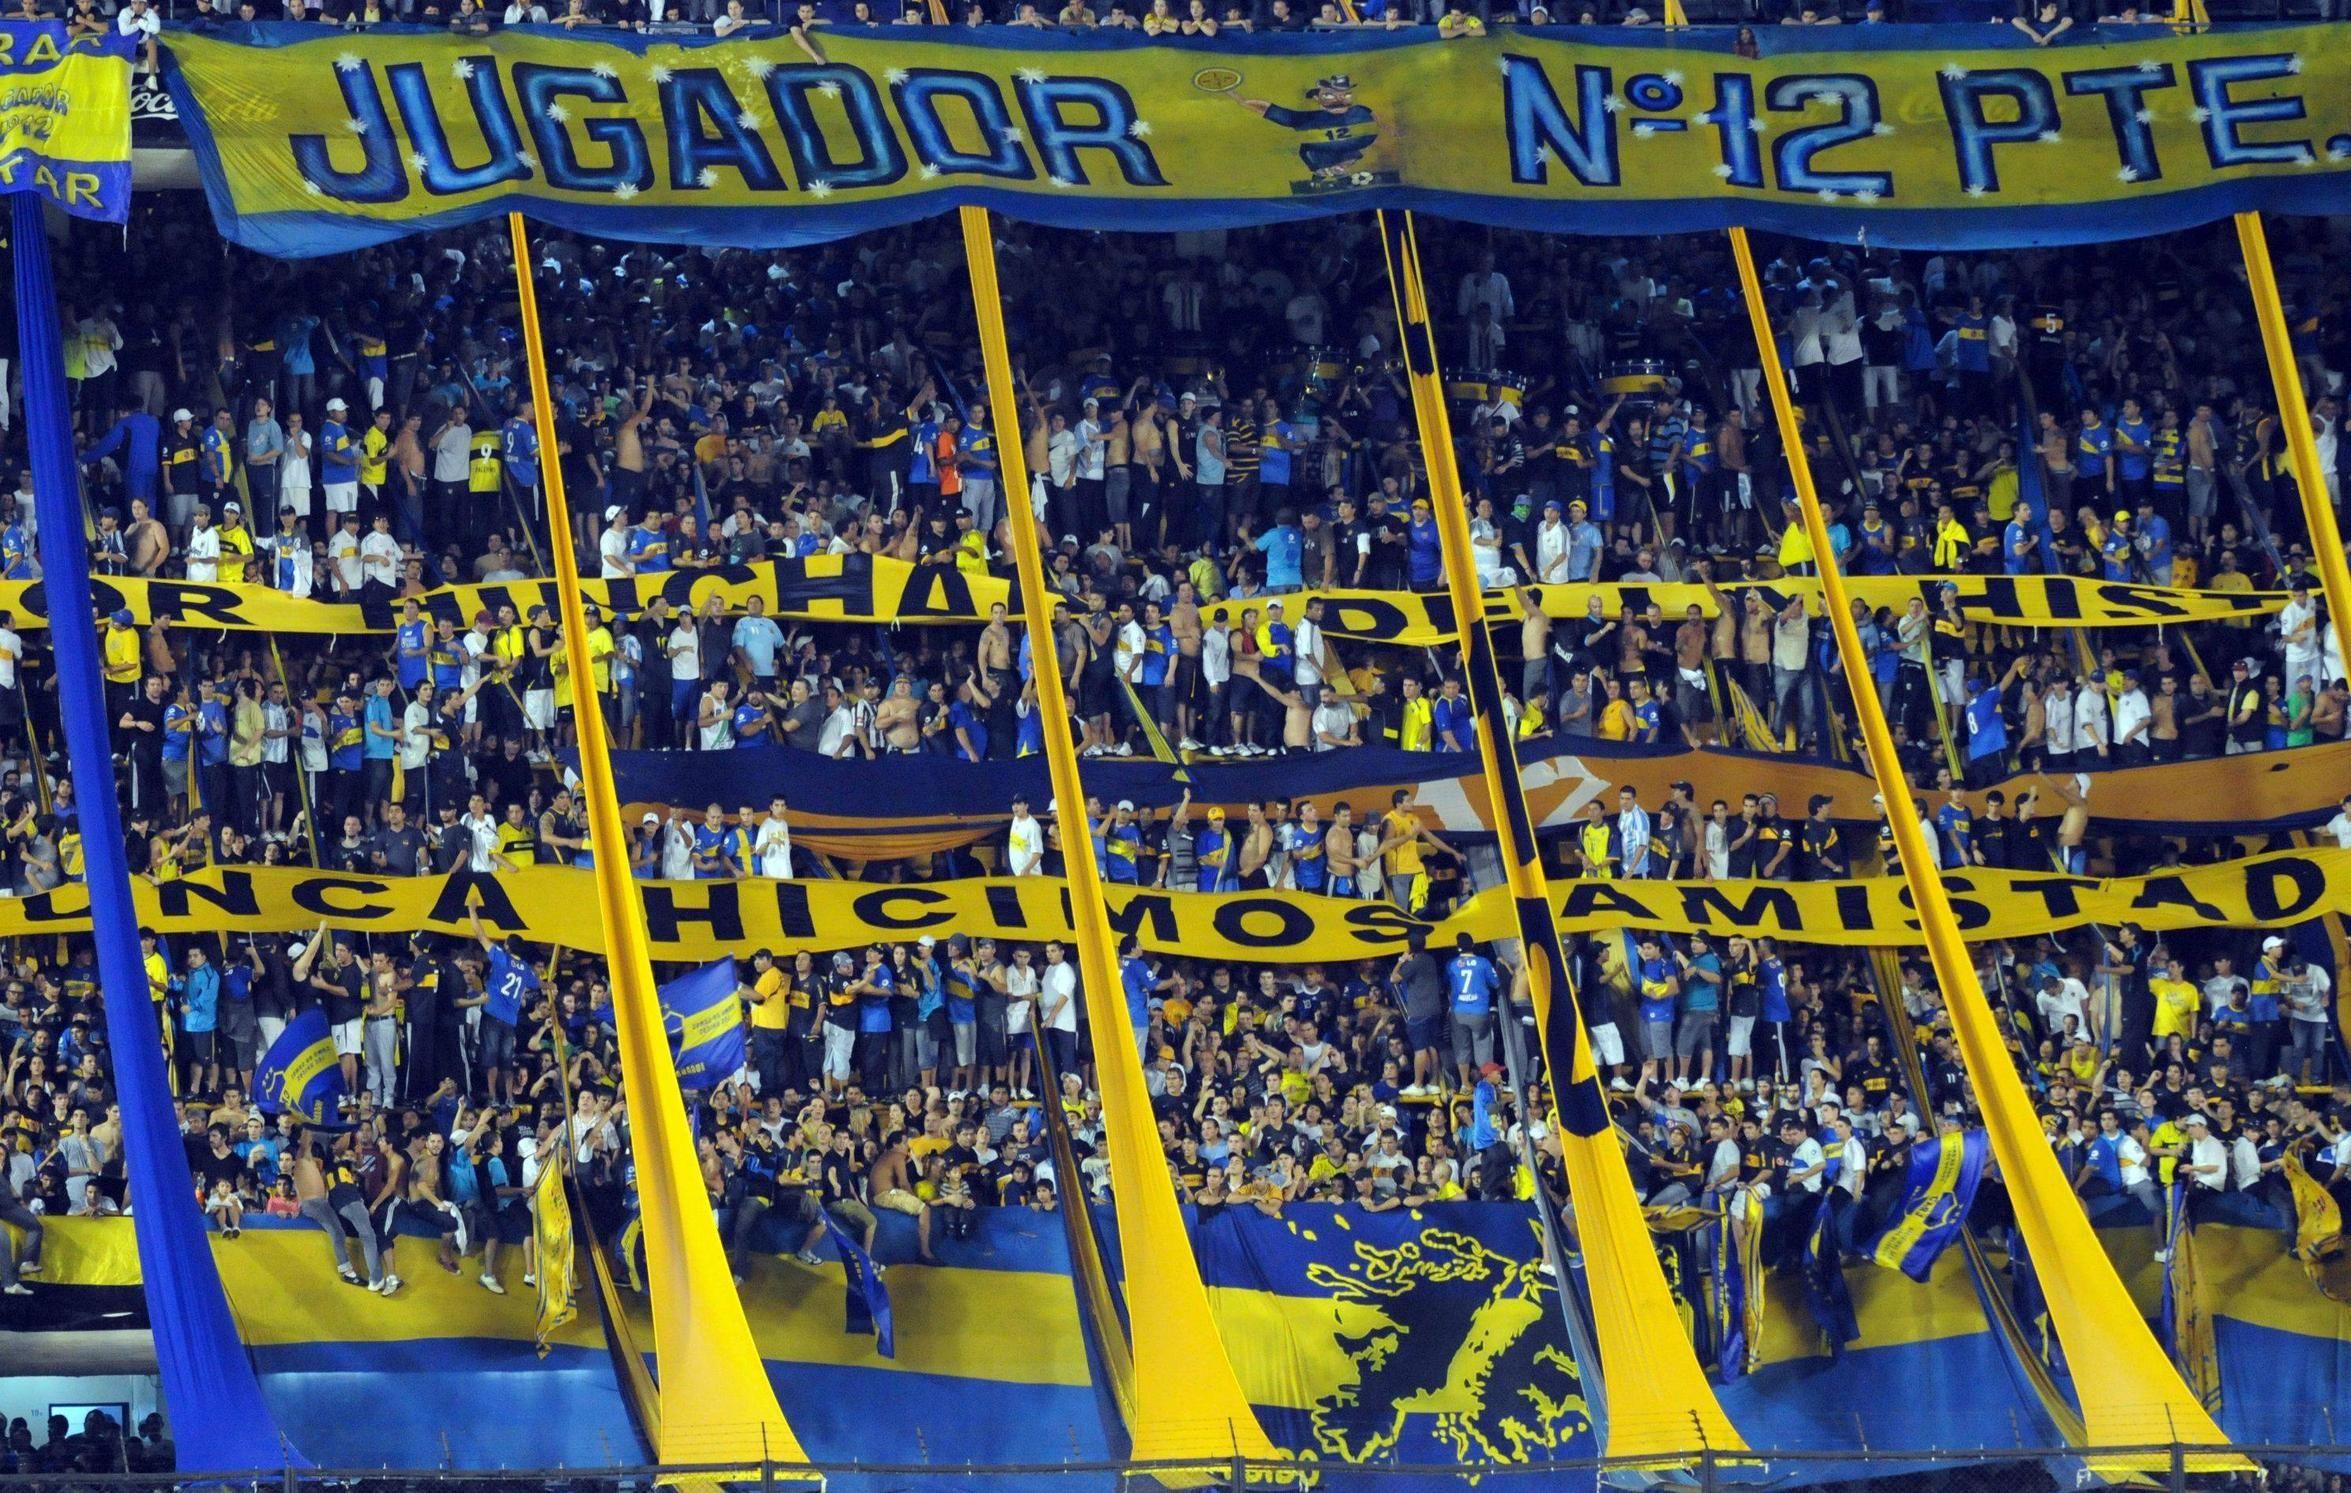 Las mejores fotos de club atletico boca juniors 47